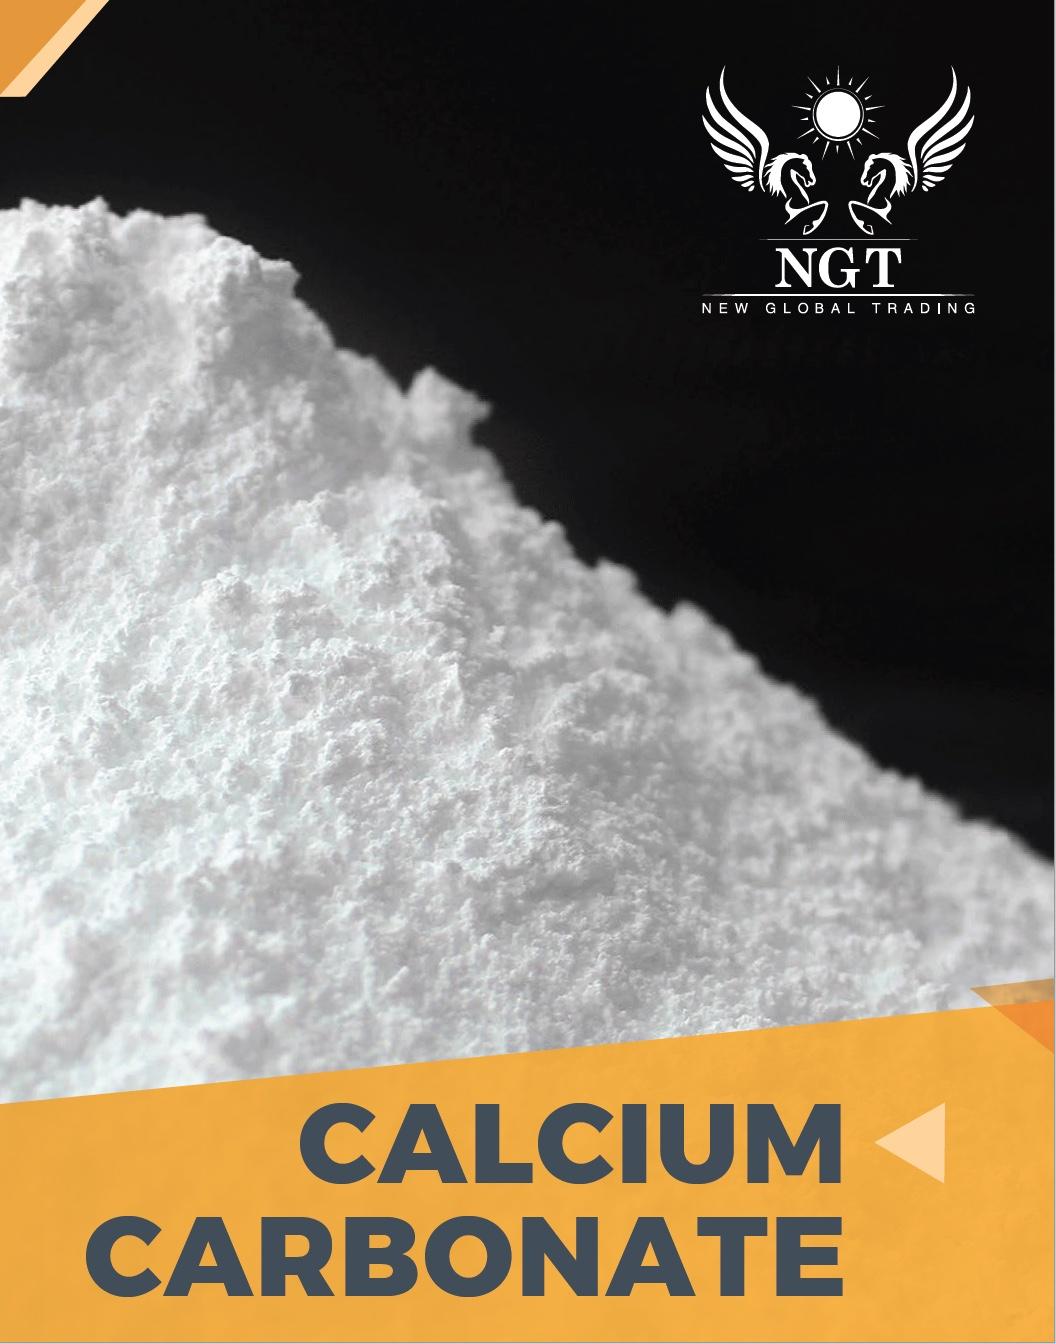 Downloads for Calcium Carbonate Powder